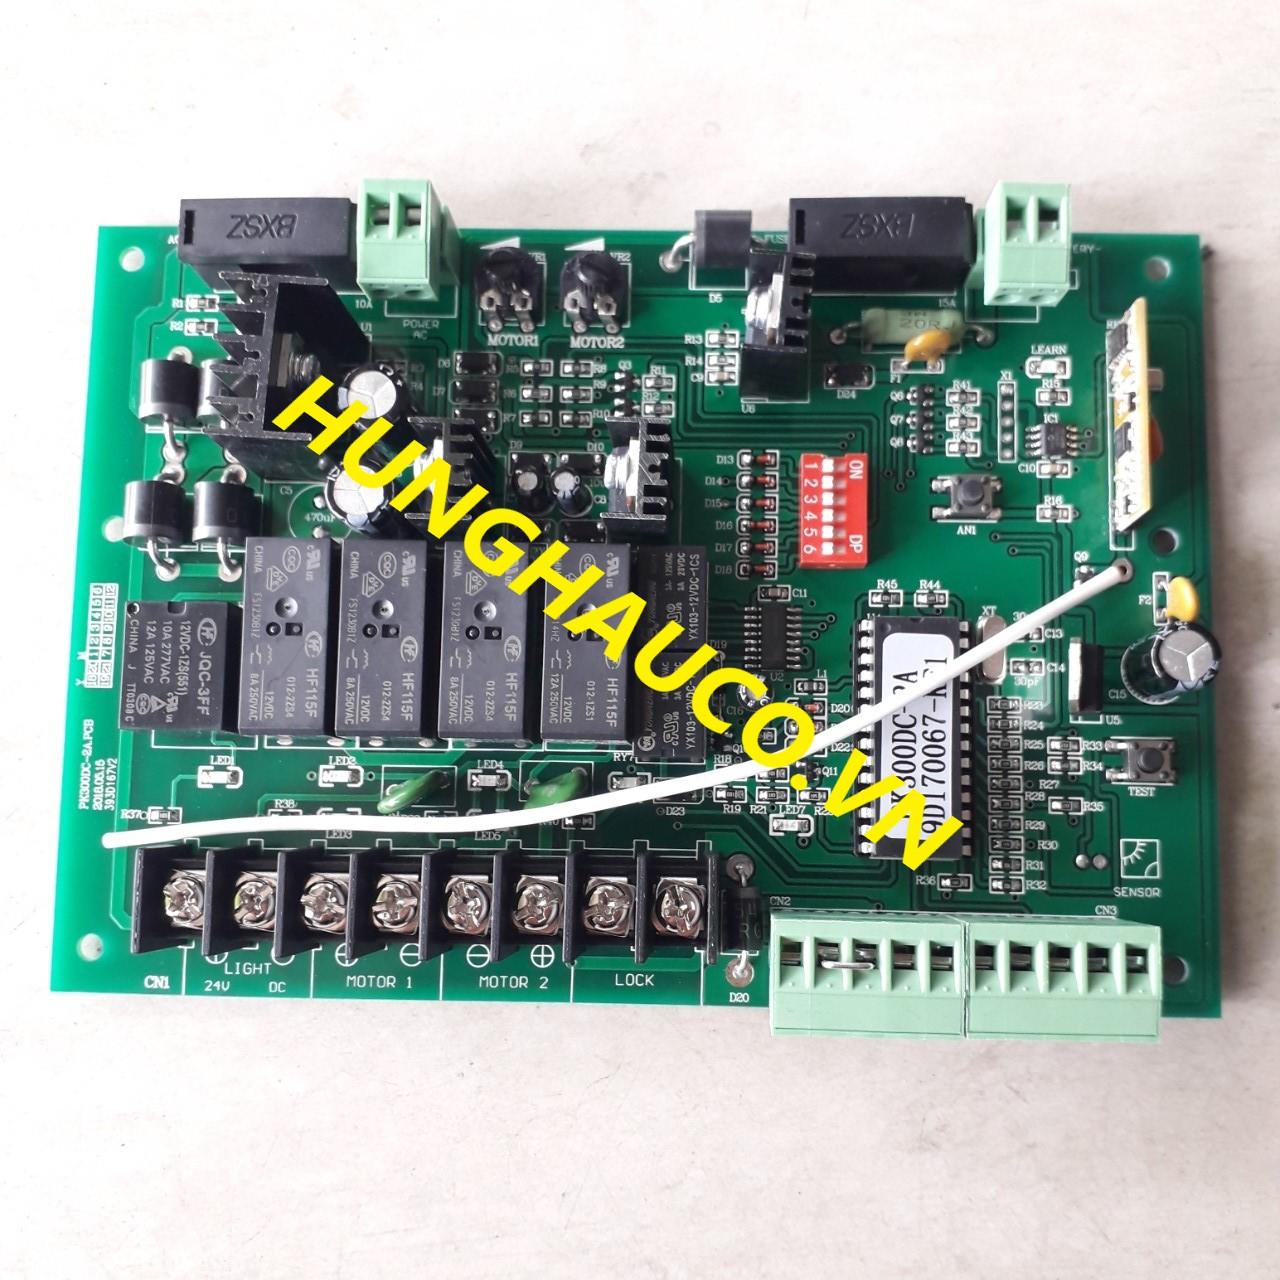 bo mạch điều khiển cổng mở 2 cánh 24V Master ( không kèm remote)